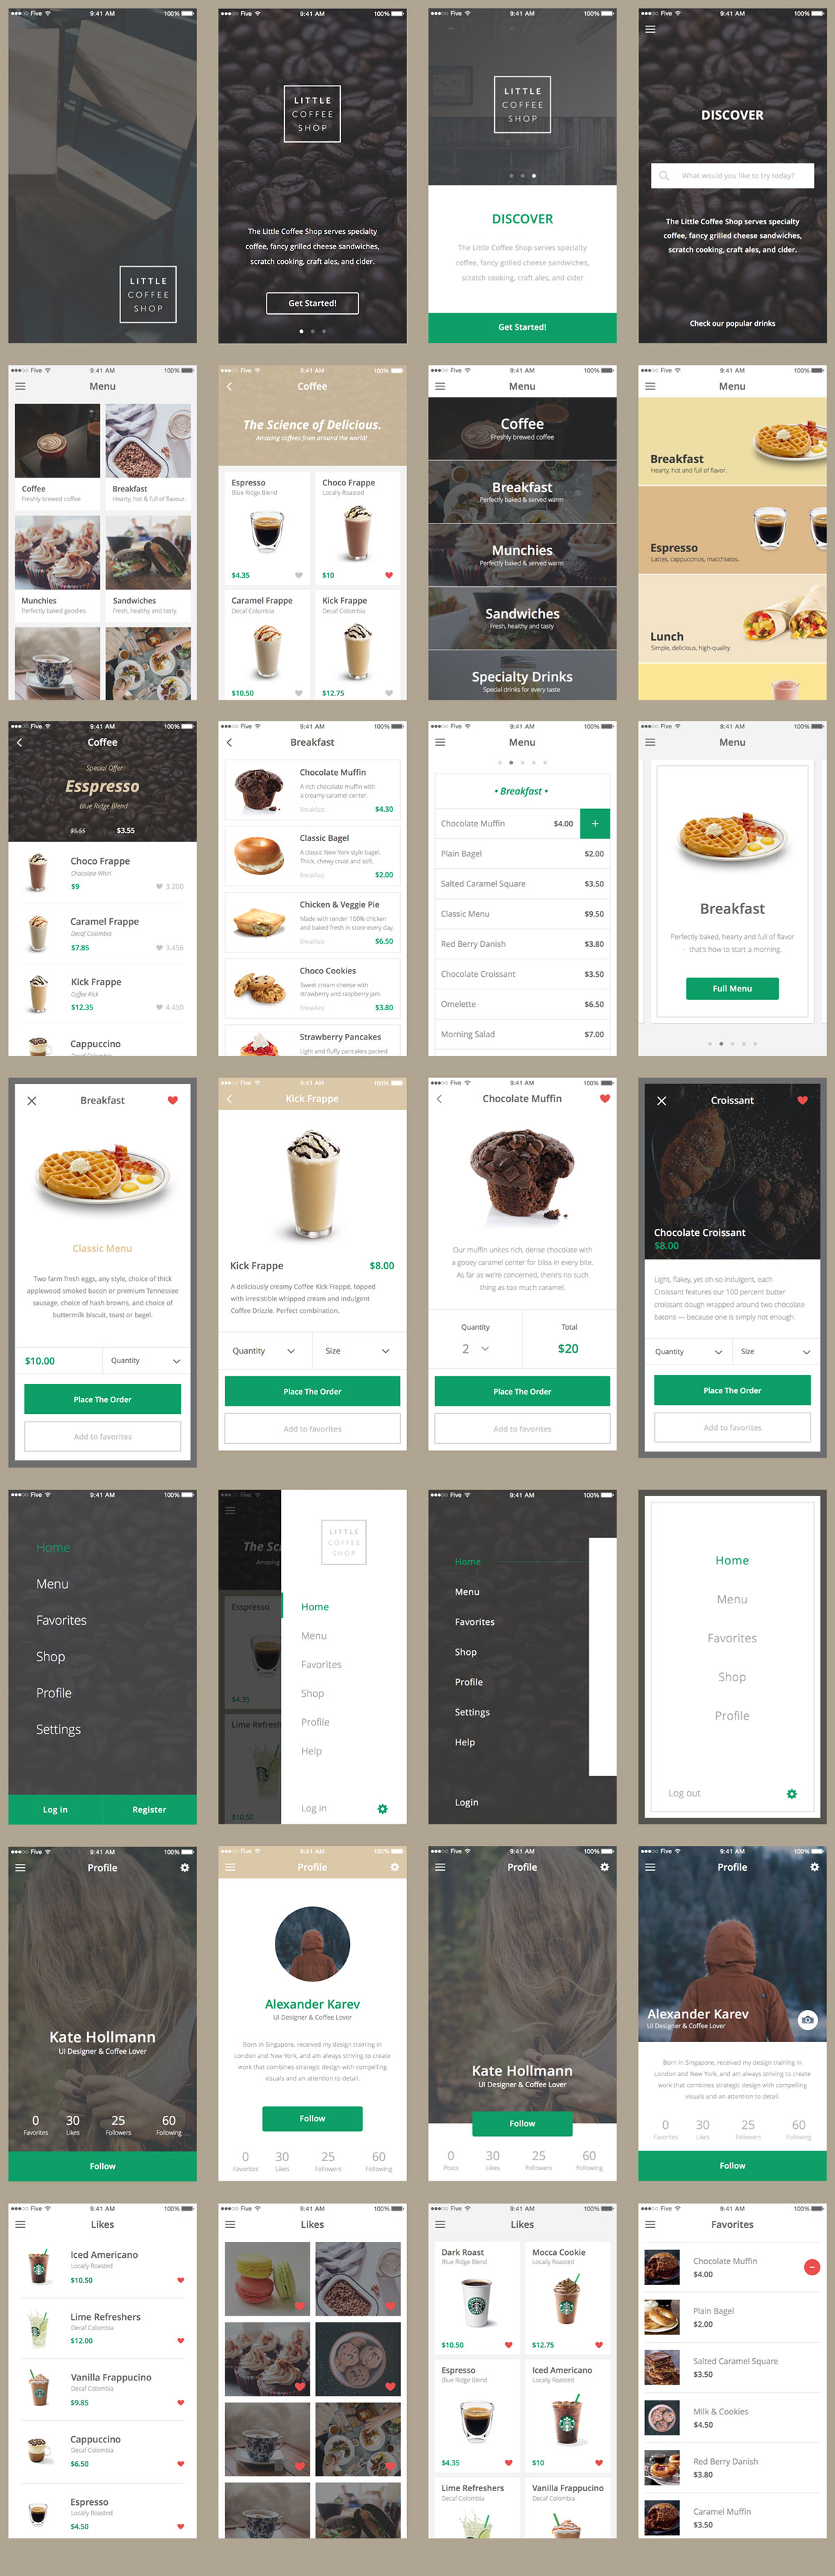 ecommerce-app-ui-kit-full